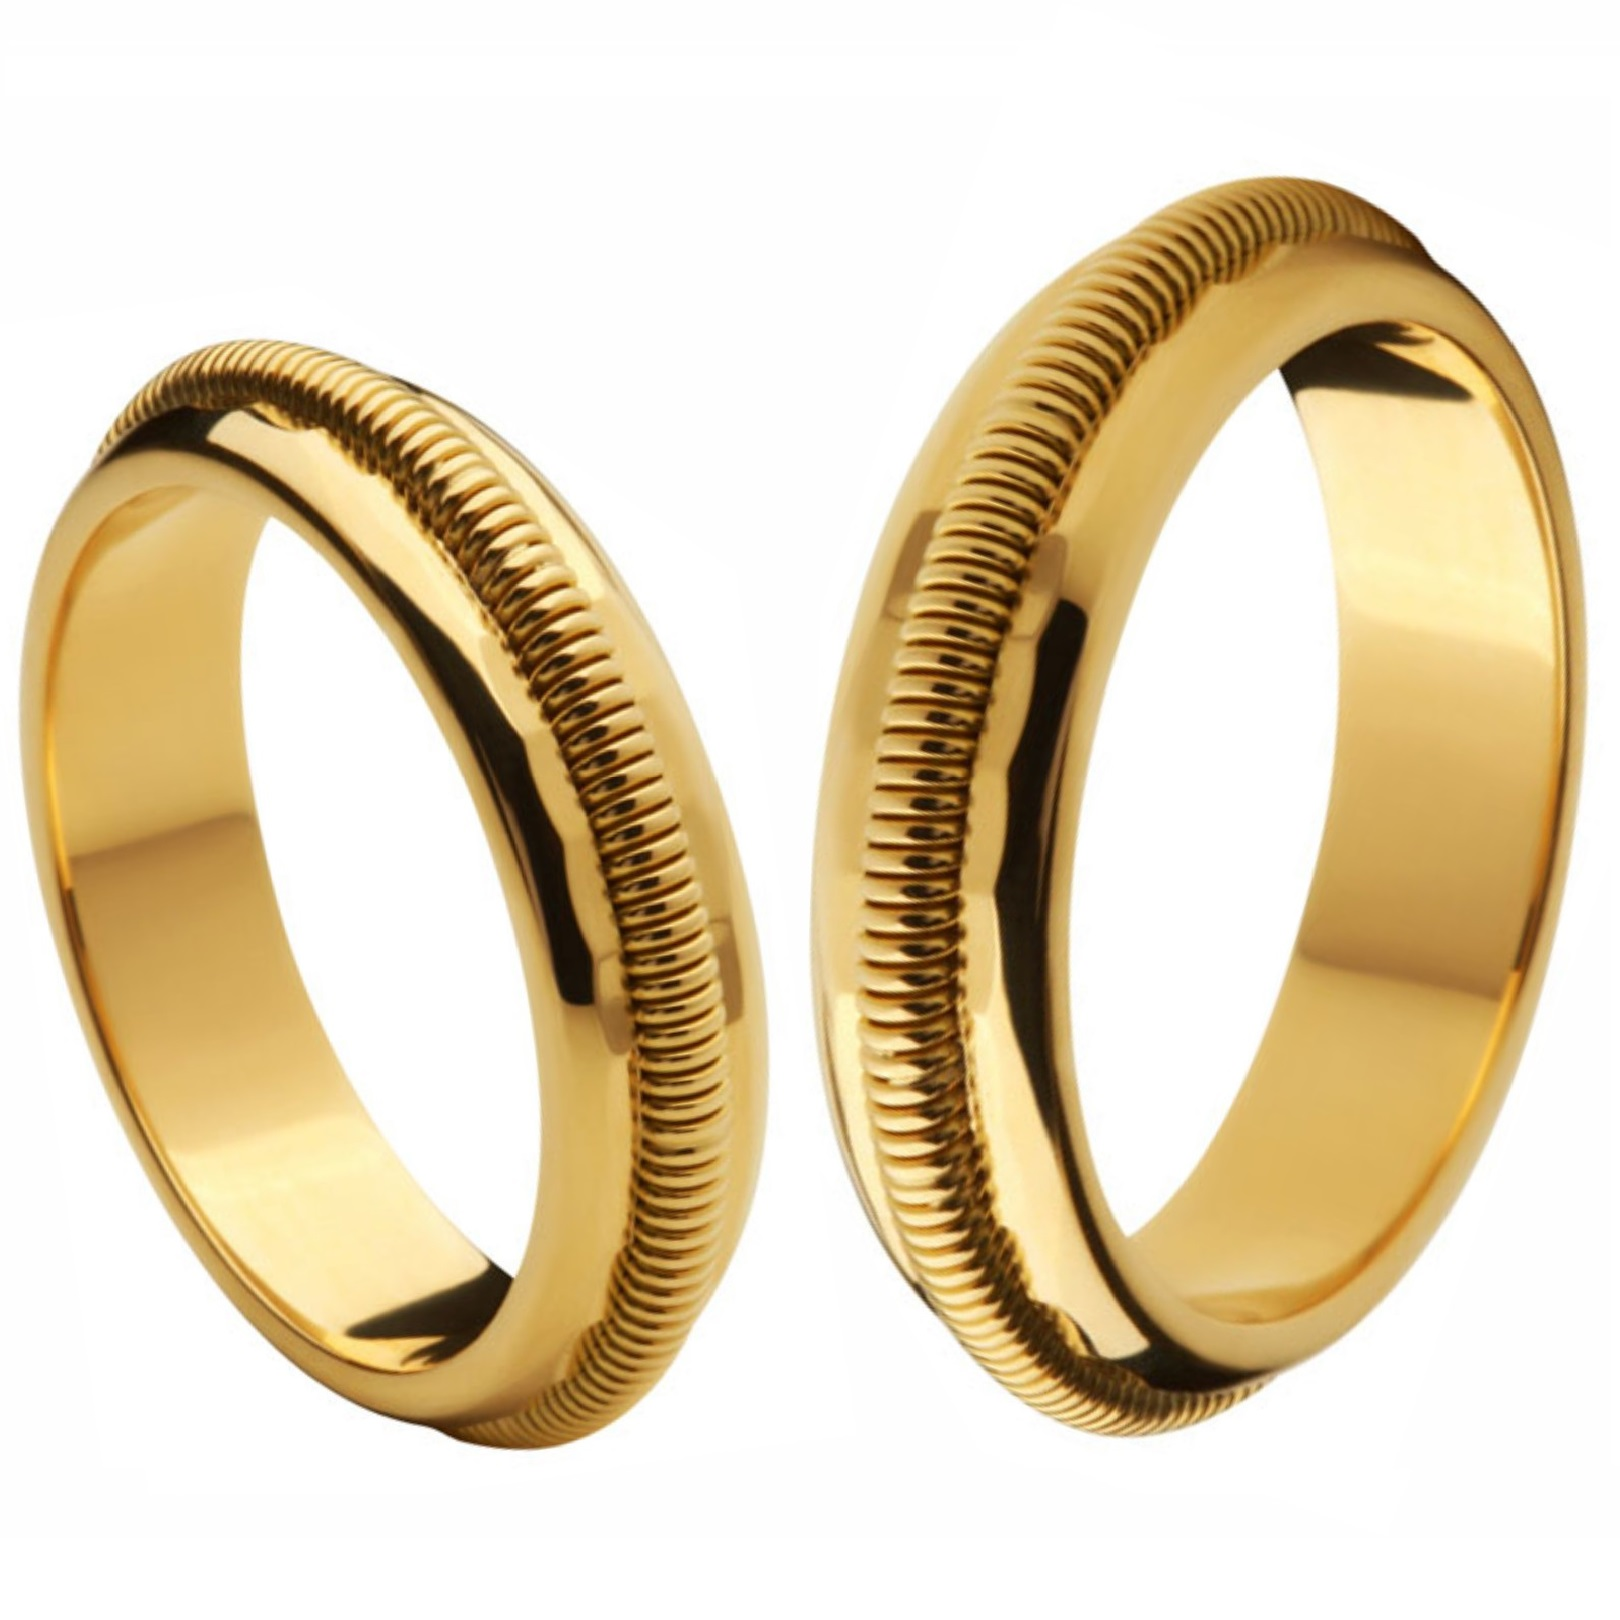 Aliança Bodas de Ouro, Ouro 18k / 750 - Abaulada, com trabalho espiral em alto relevo - O PAR